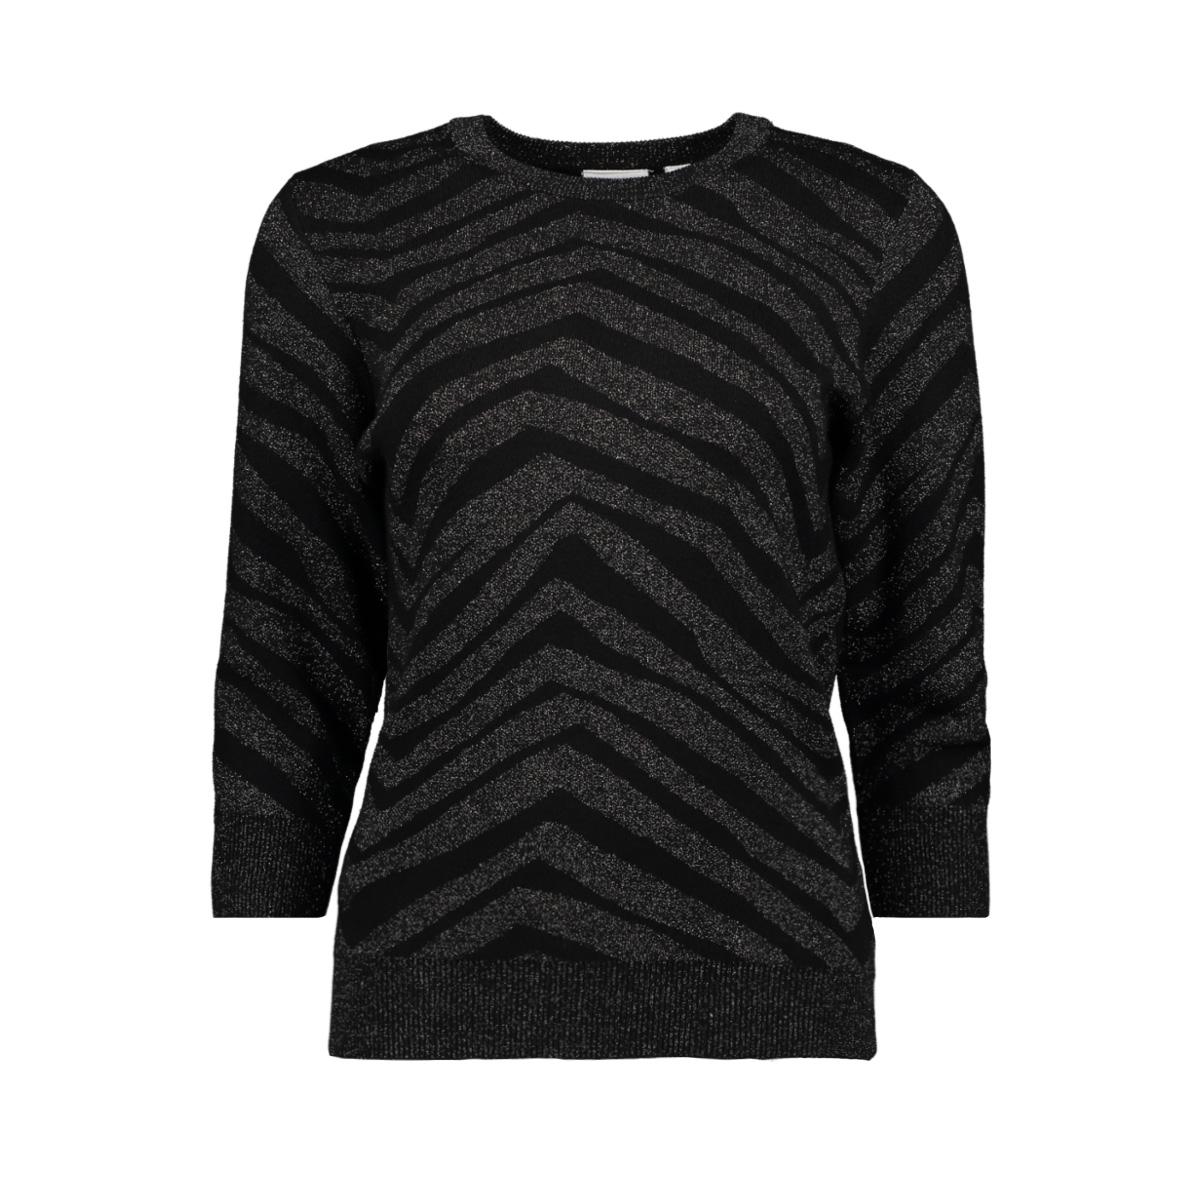 u2033  knitt pullover 3 04 sl saint tropez trui 0001 black